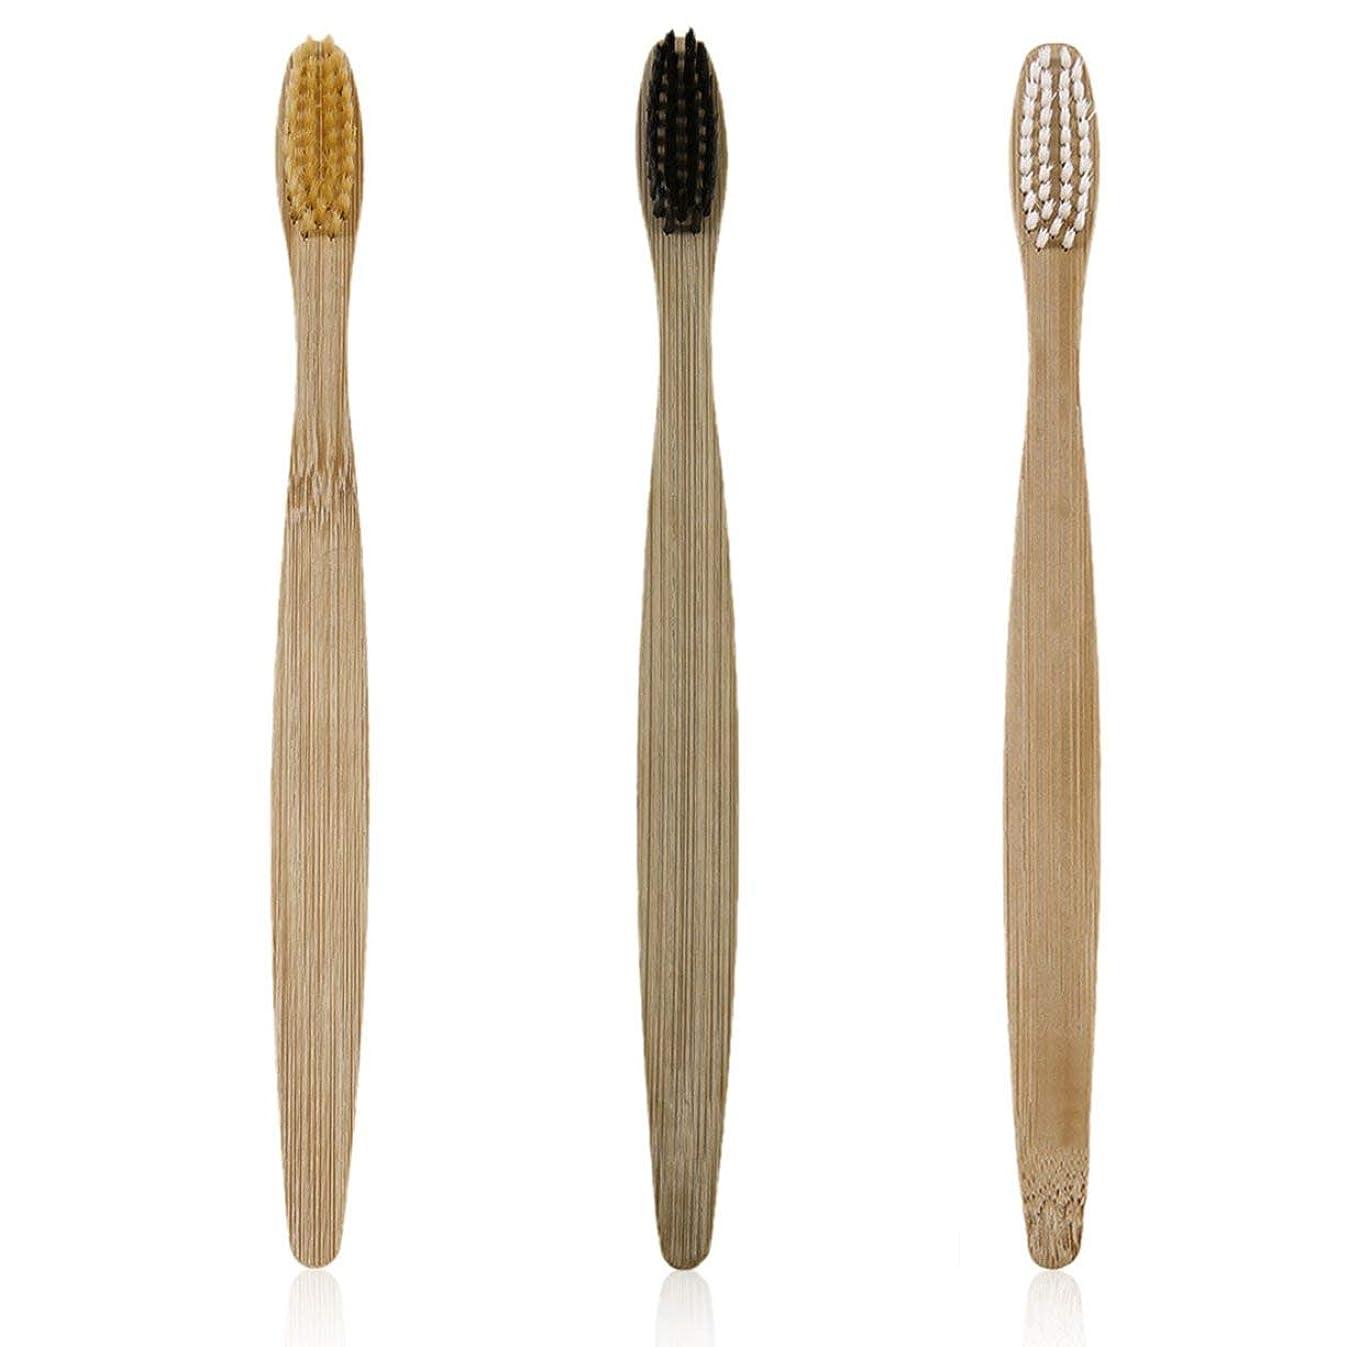 膨張するプット忠実3本/セット環境に優しい木製の歯ブラシ竹の歯ブラシ柔らかい竹繊維の木製のハンドル低炭素環境に優しい - ブラック/ホワイト/イエロー